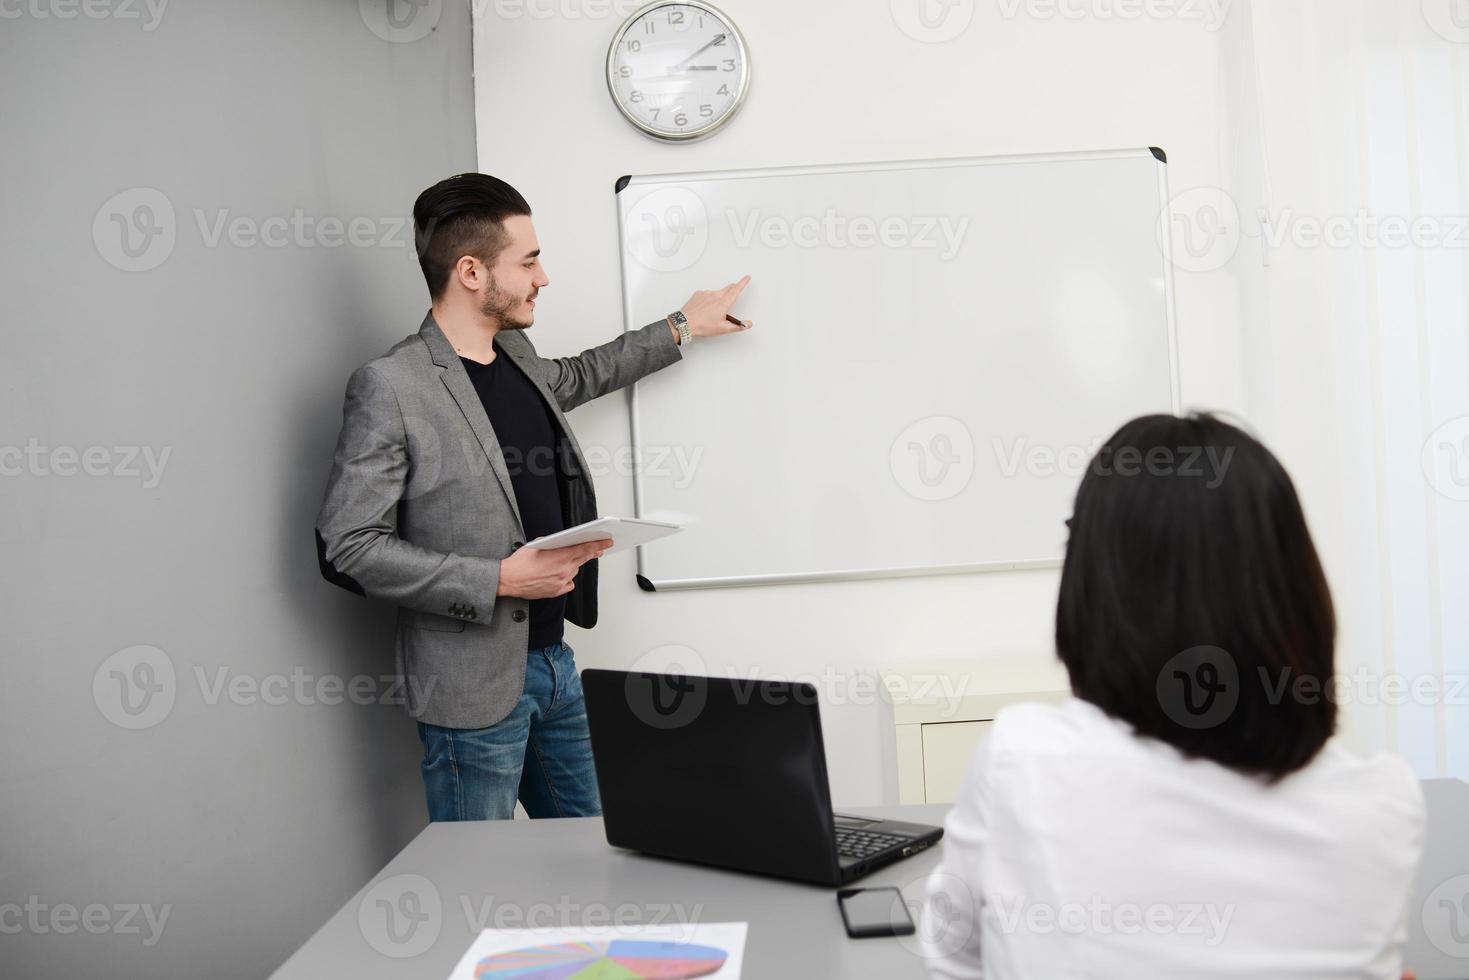 junger Geschäftsmann oder Lehrer, der Daten auf weißer Tafel zeigt foto